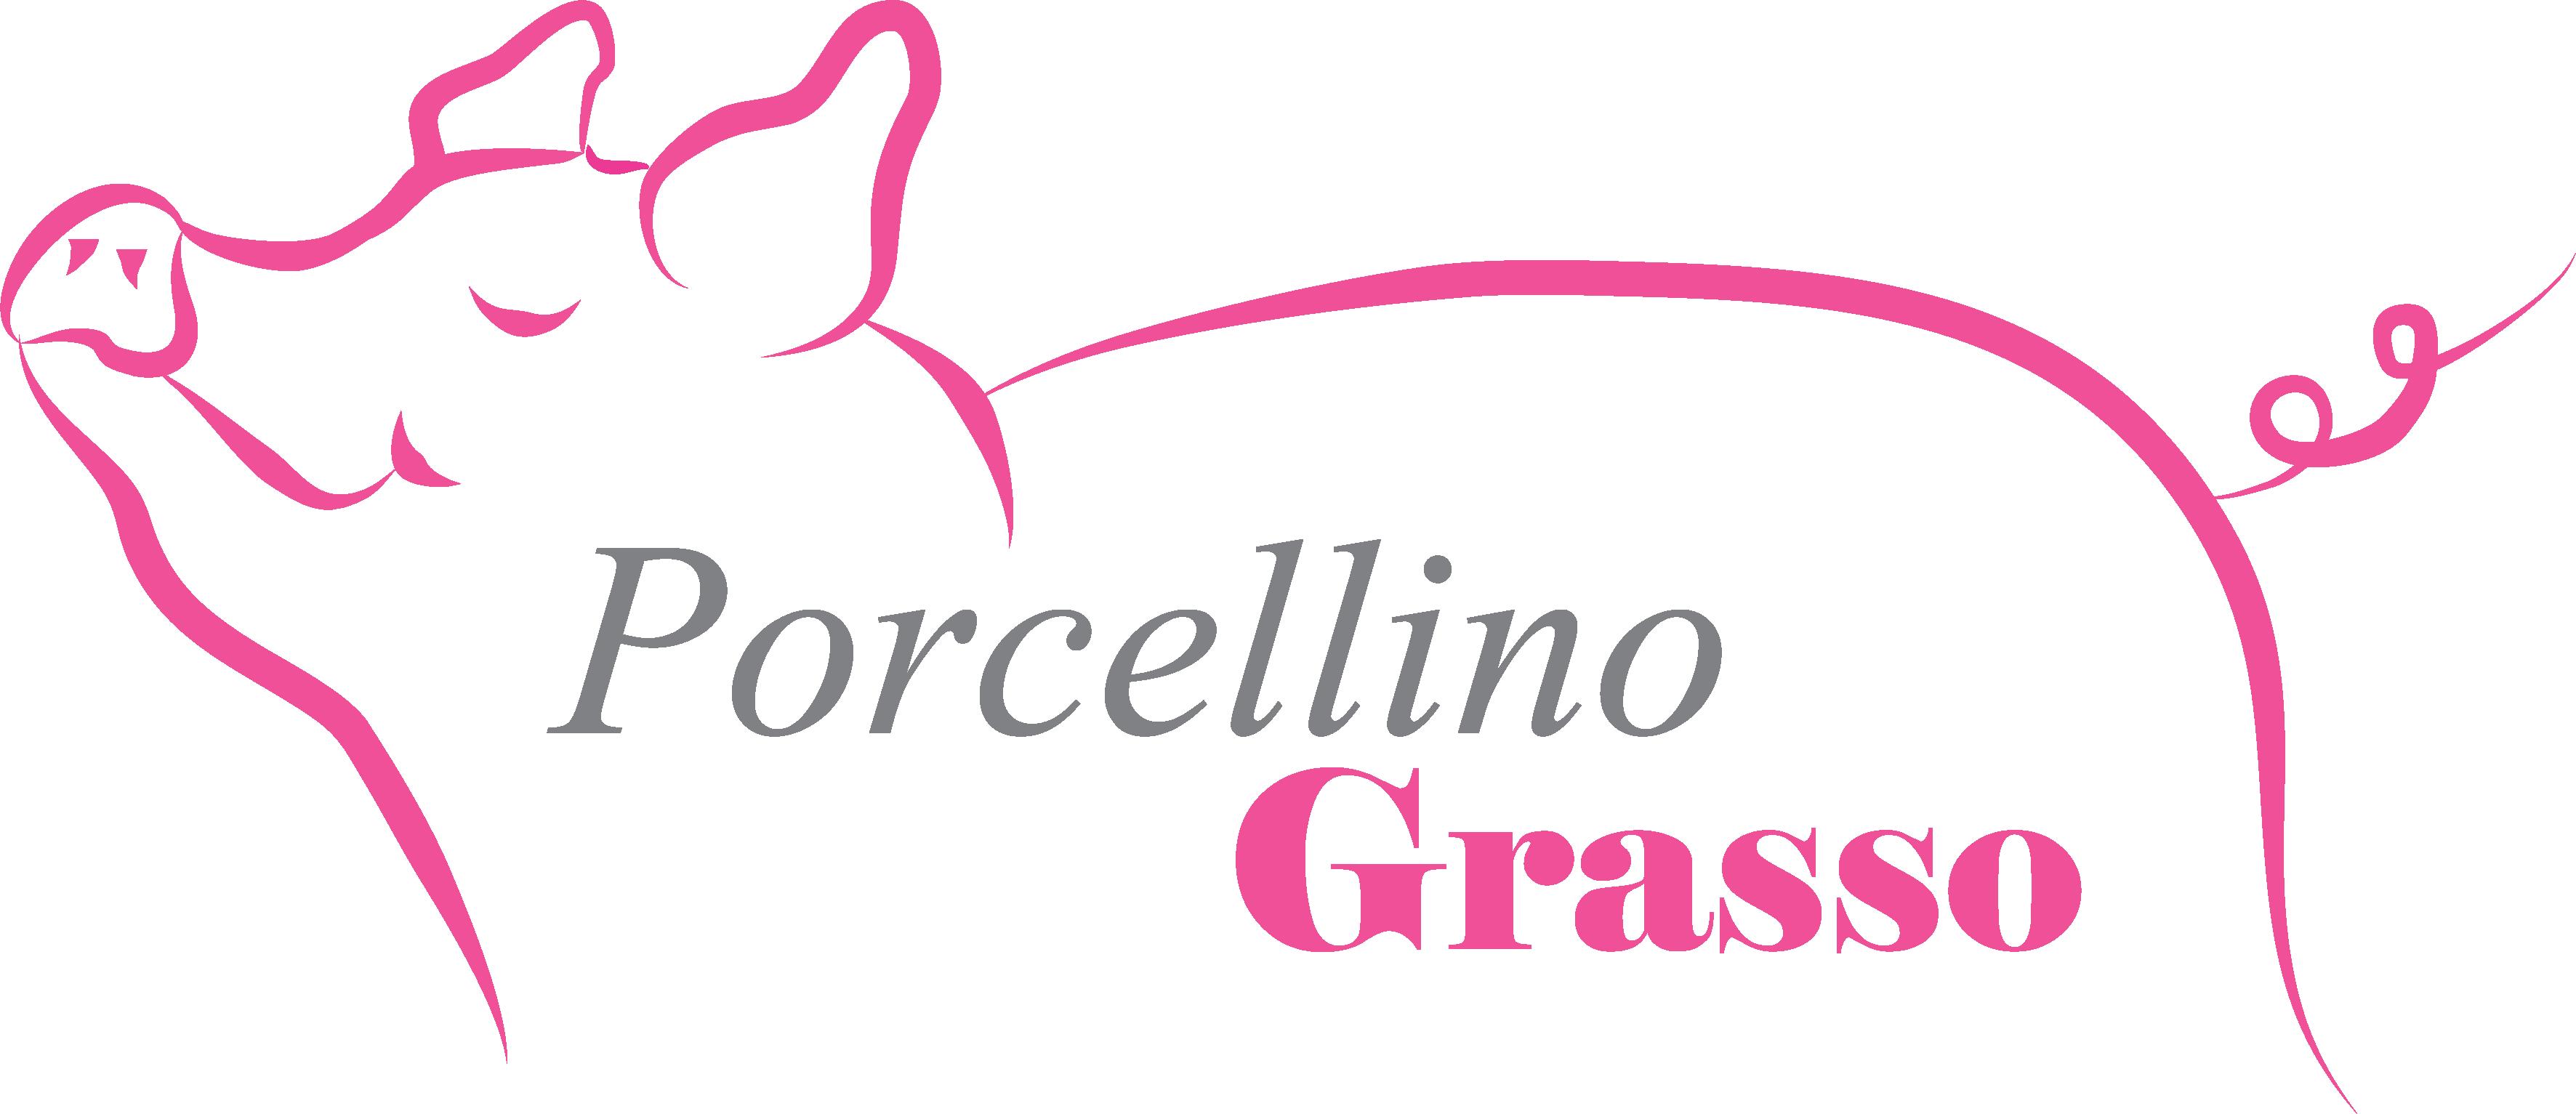 Porcellino Grasso